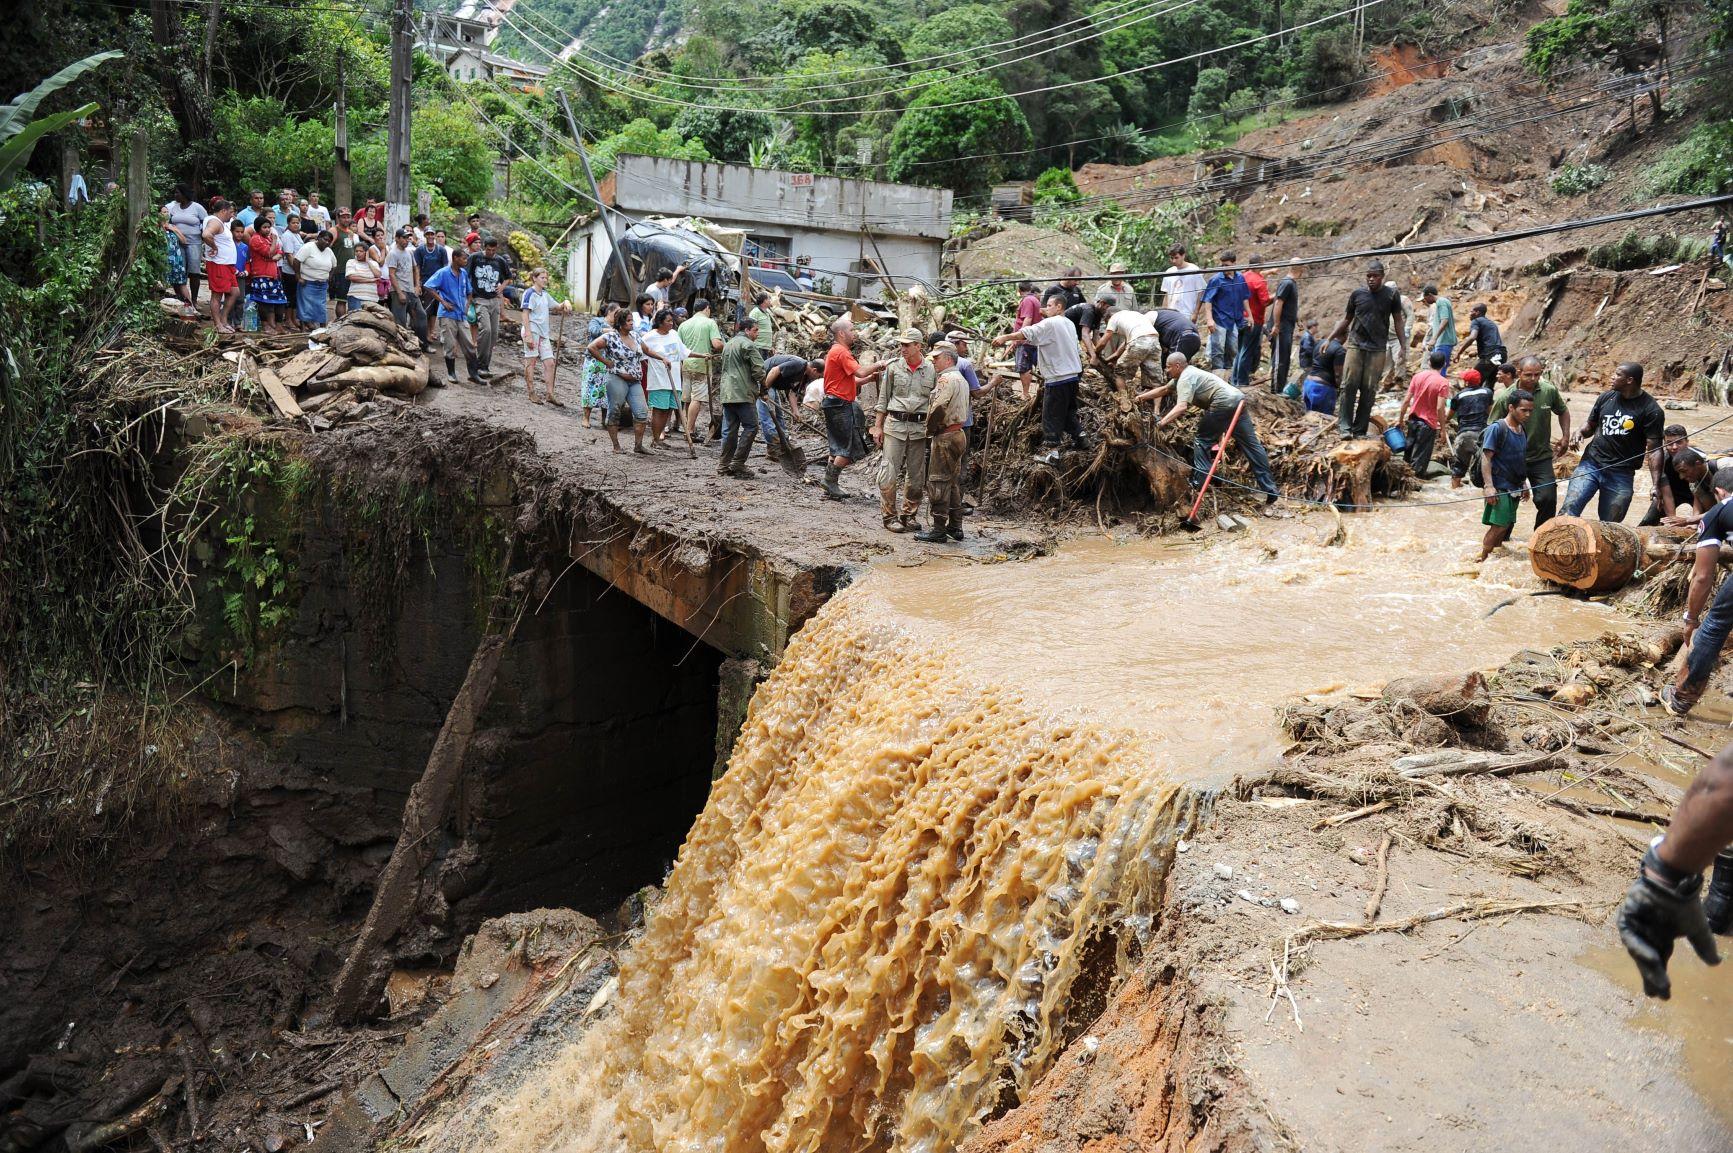 Cachoeira de água da chuva e barro morro abaixo em Teresópolis: no município, 74 pessoas estão registradas como desaparecidas desde a enchente de 2011 (Foto: Vanderlei Almeida/AFP - 12/01/2011)